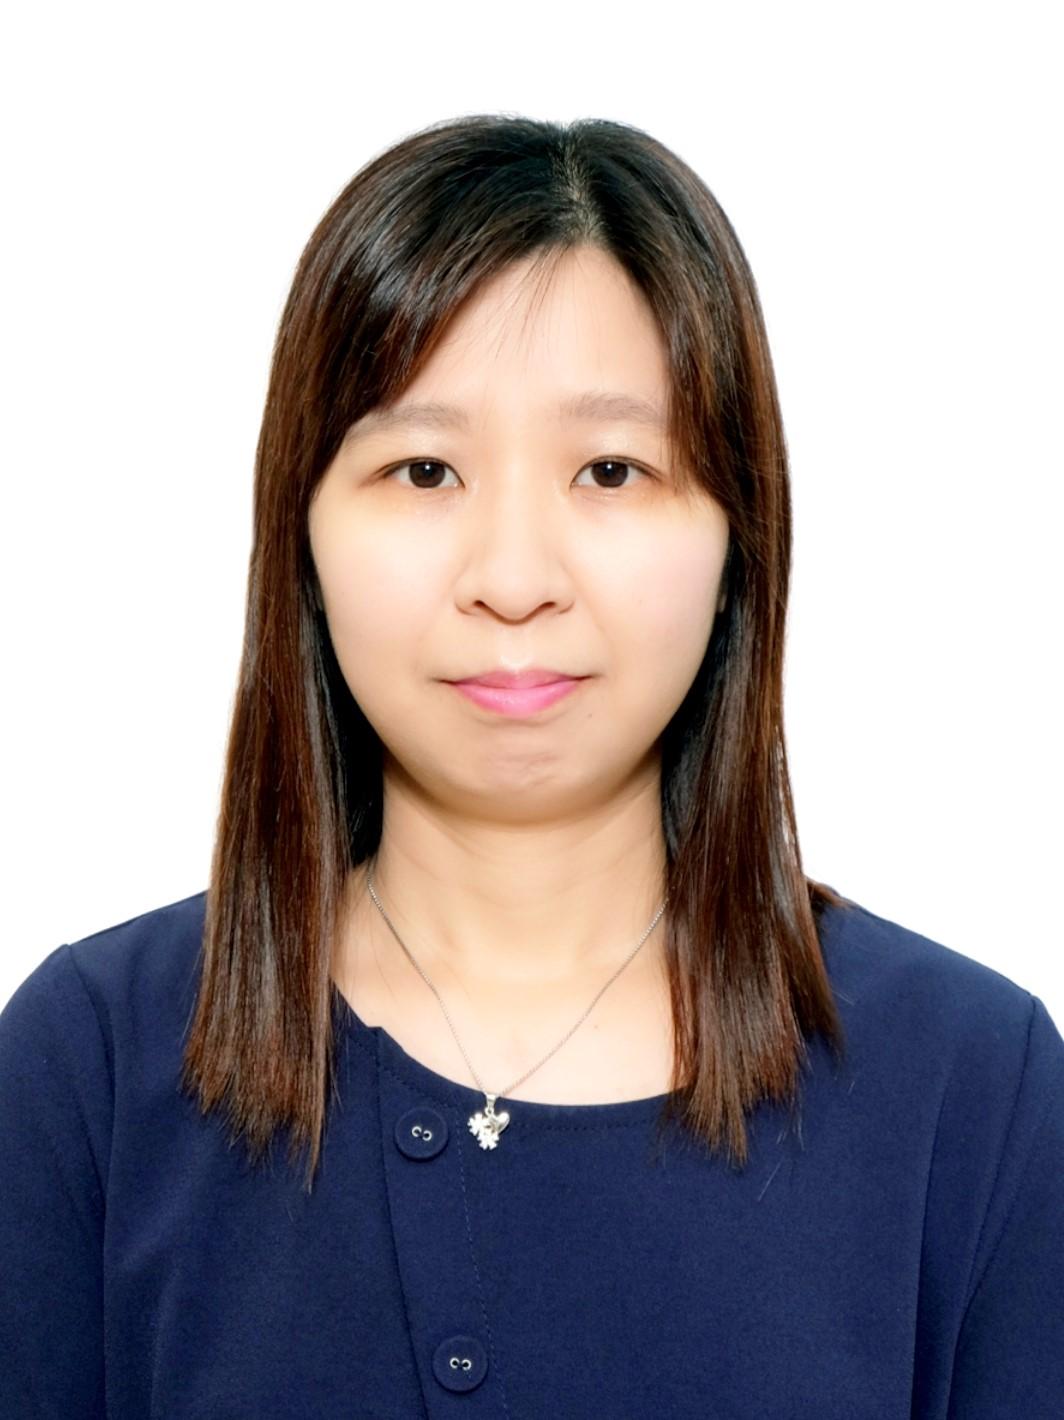 LAM Ying Fiona (Nursing Officer)